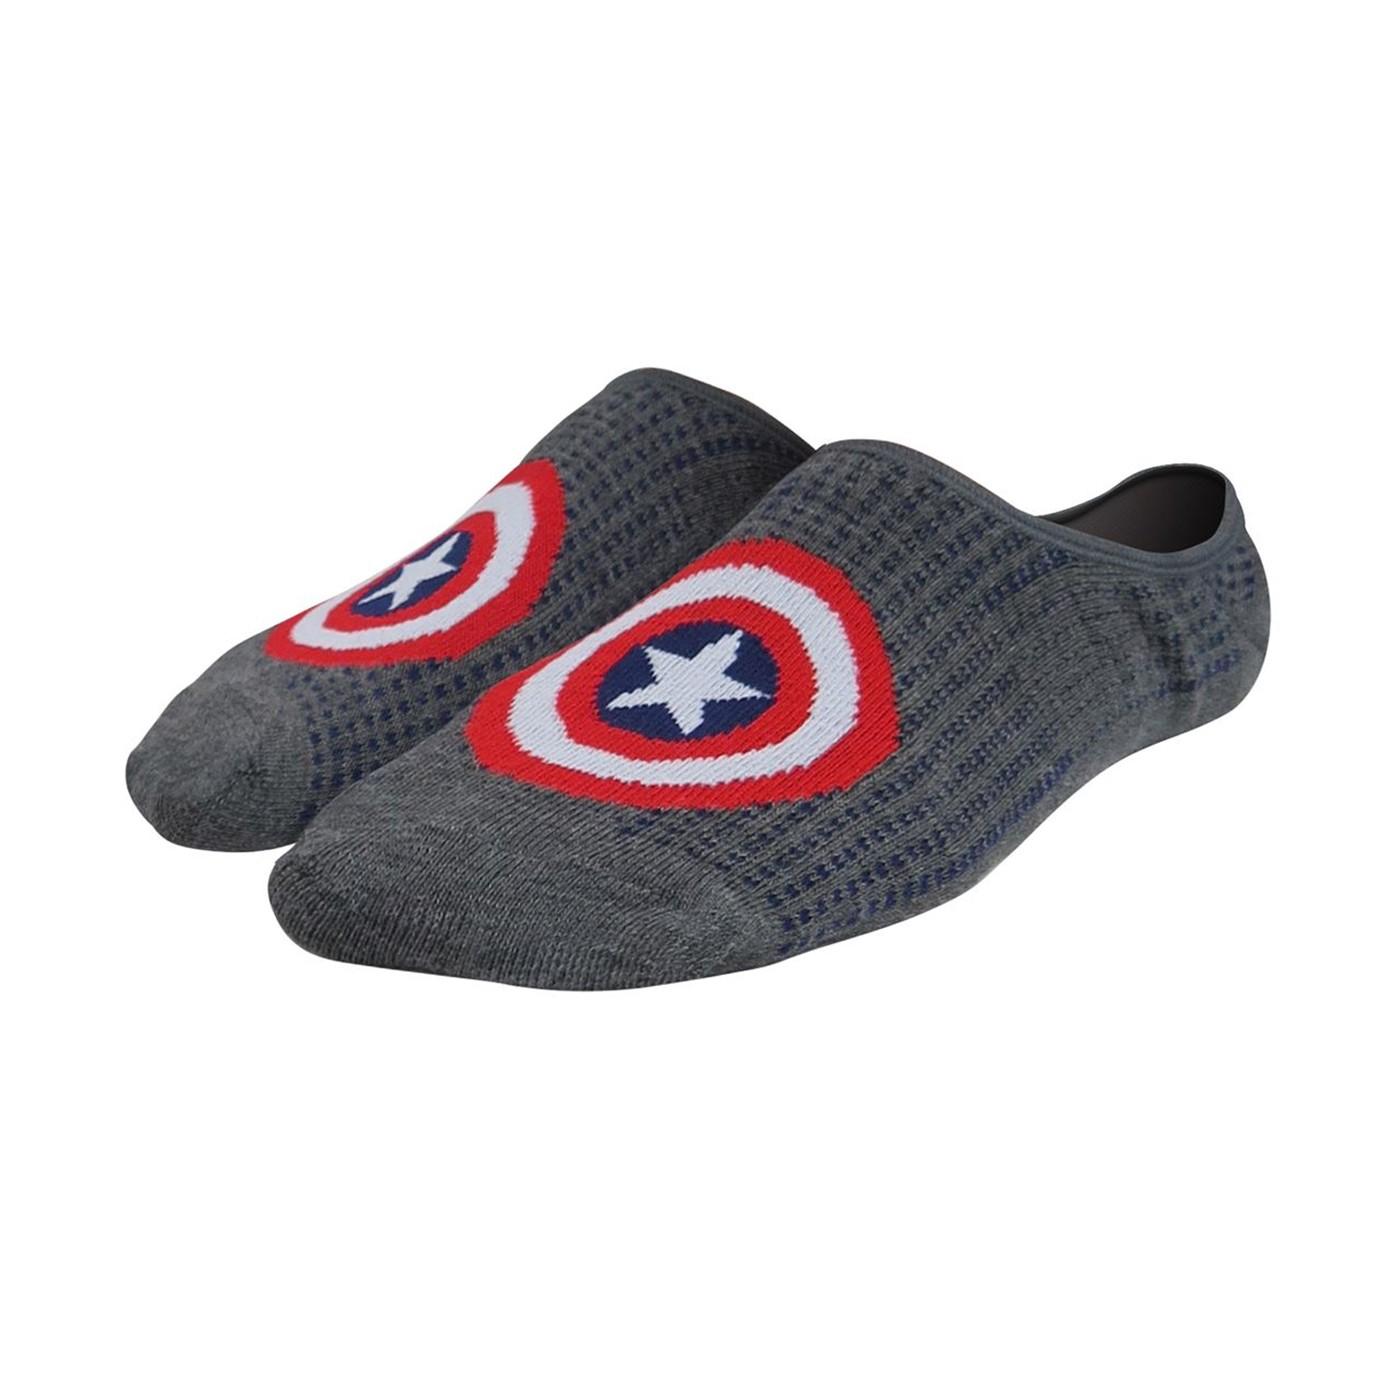 Captain America & Friends Shorty Socks 3-Pack